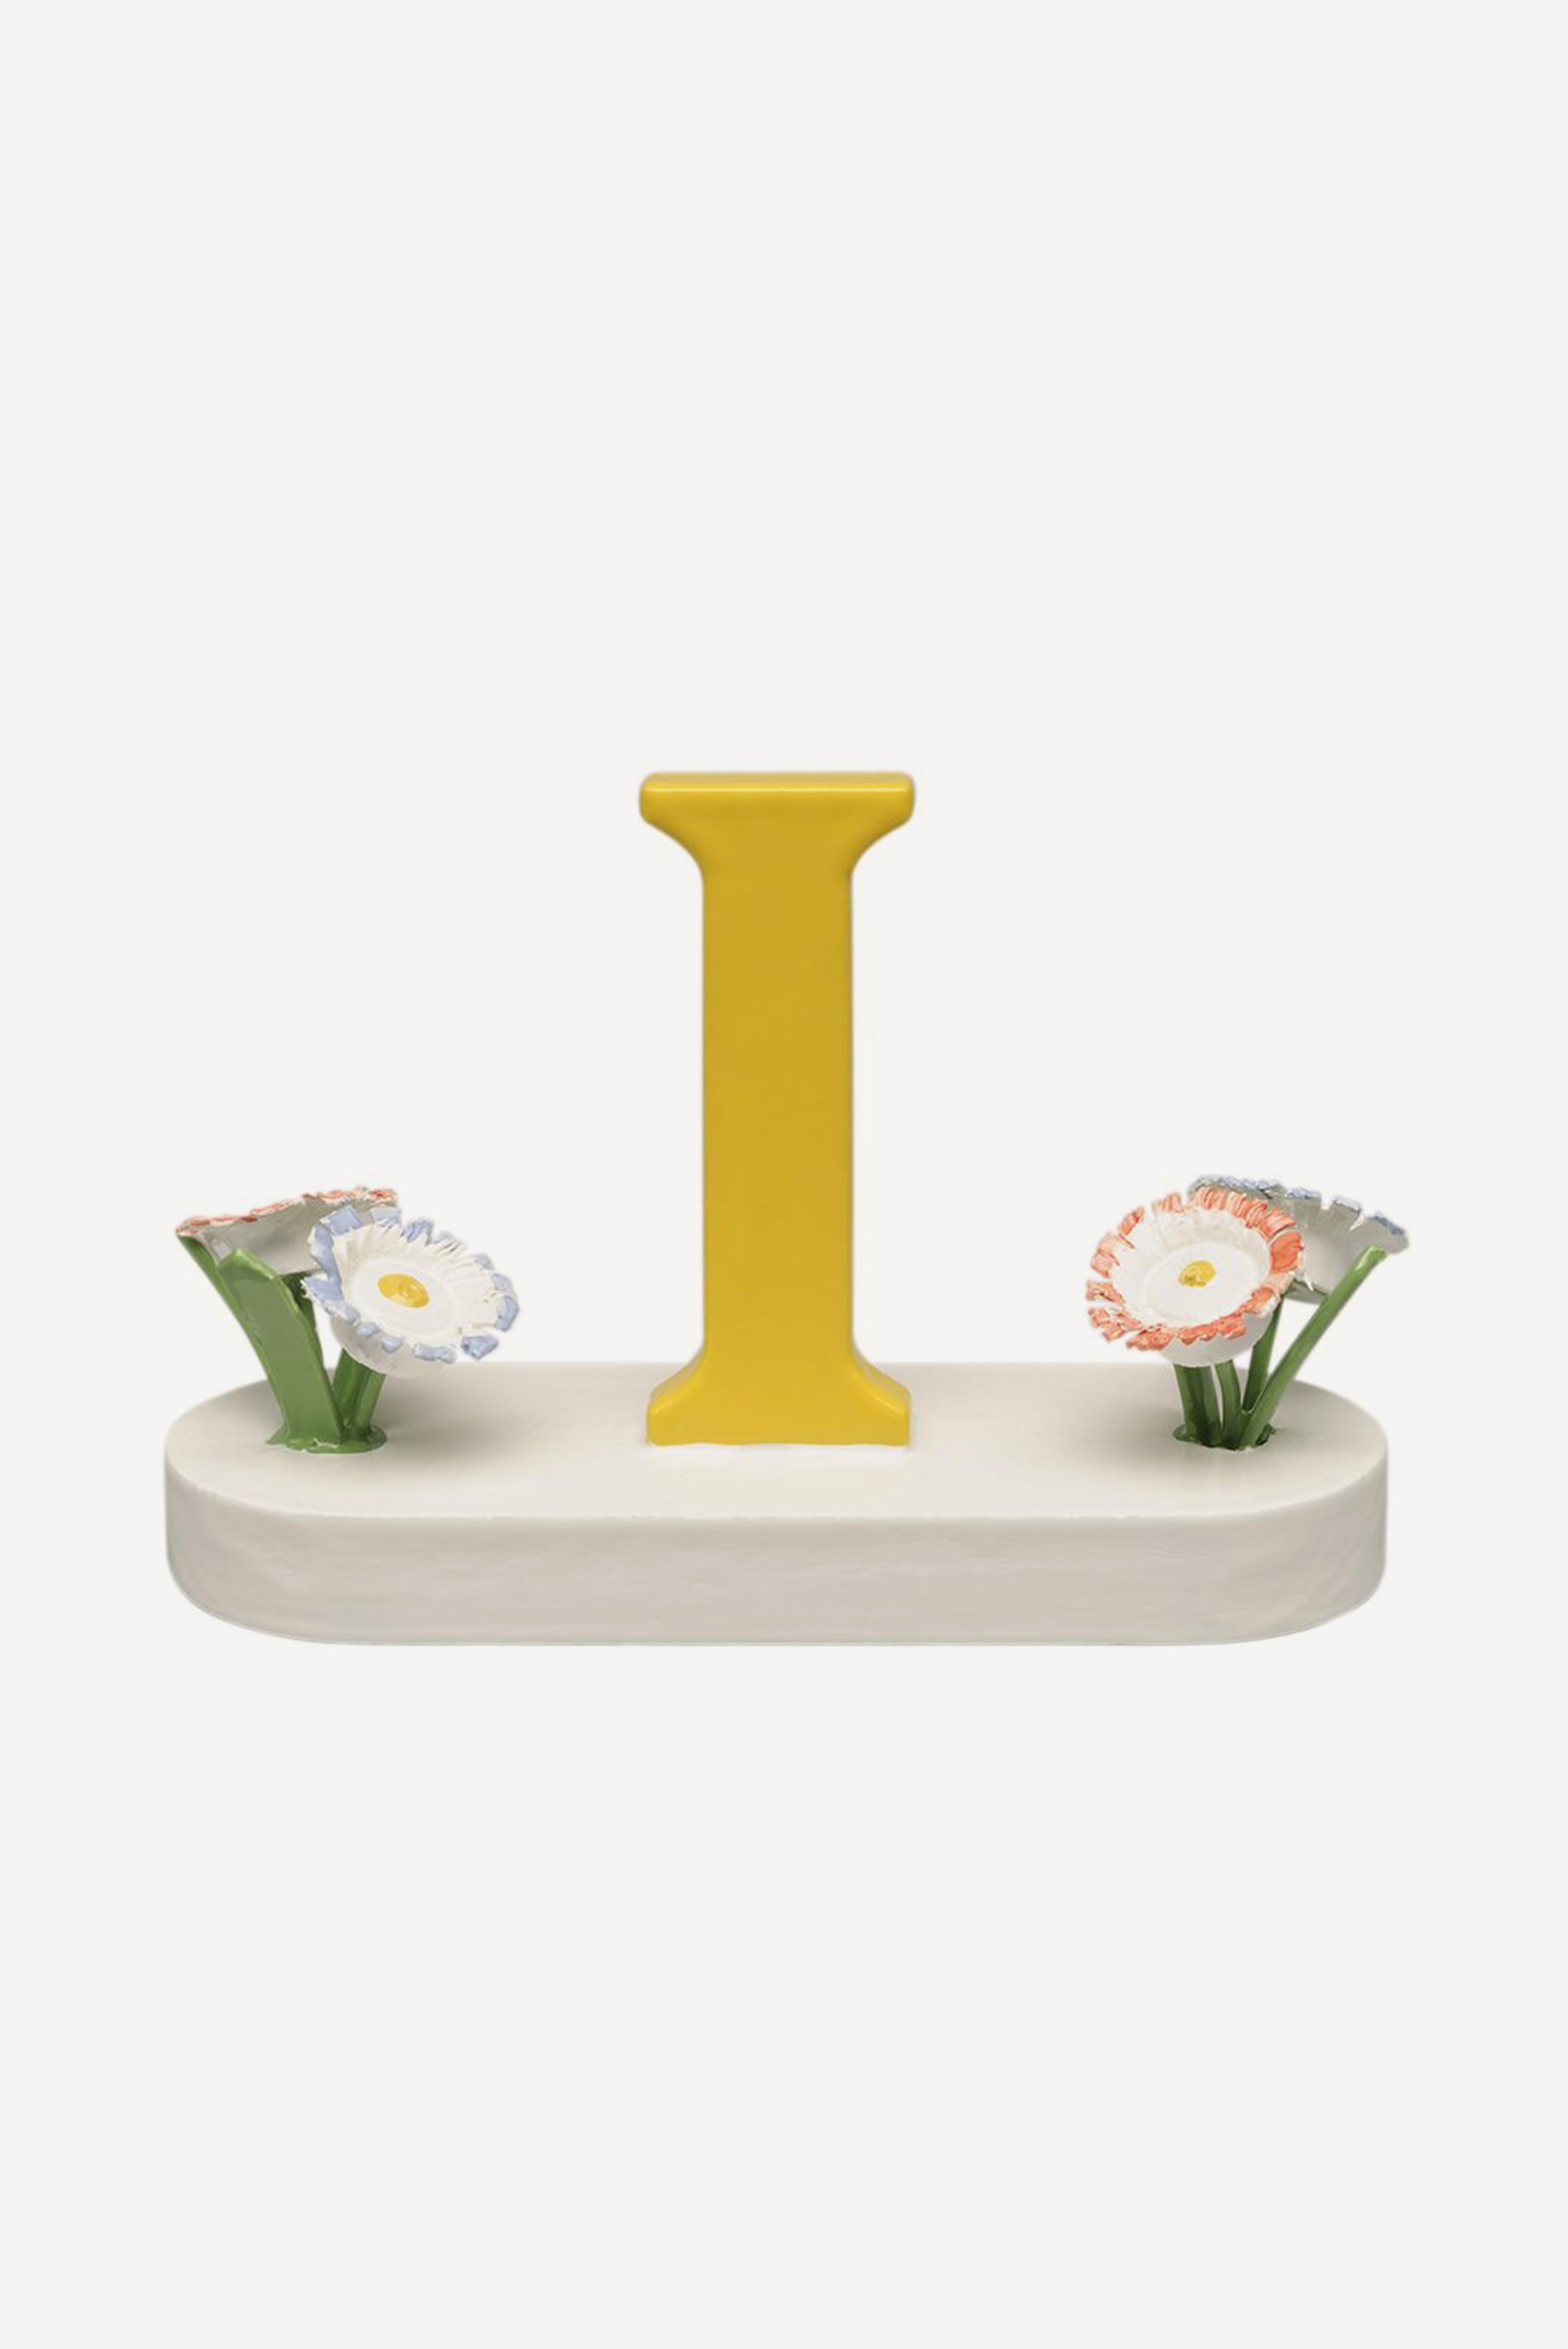 Buchstabe I, mit Blumen